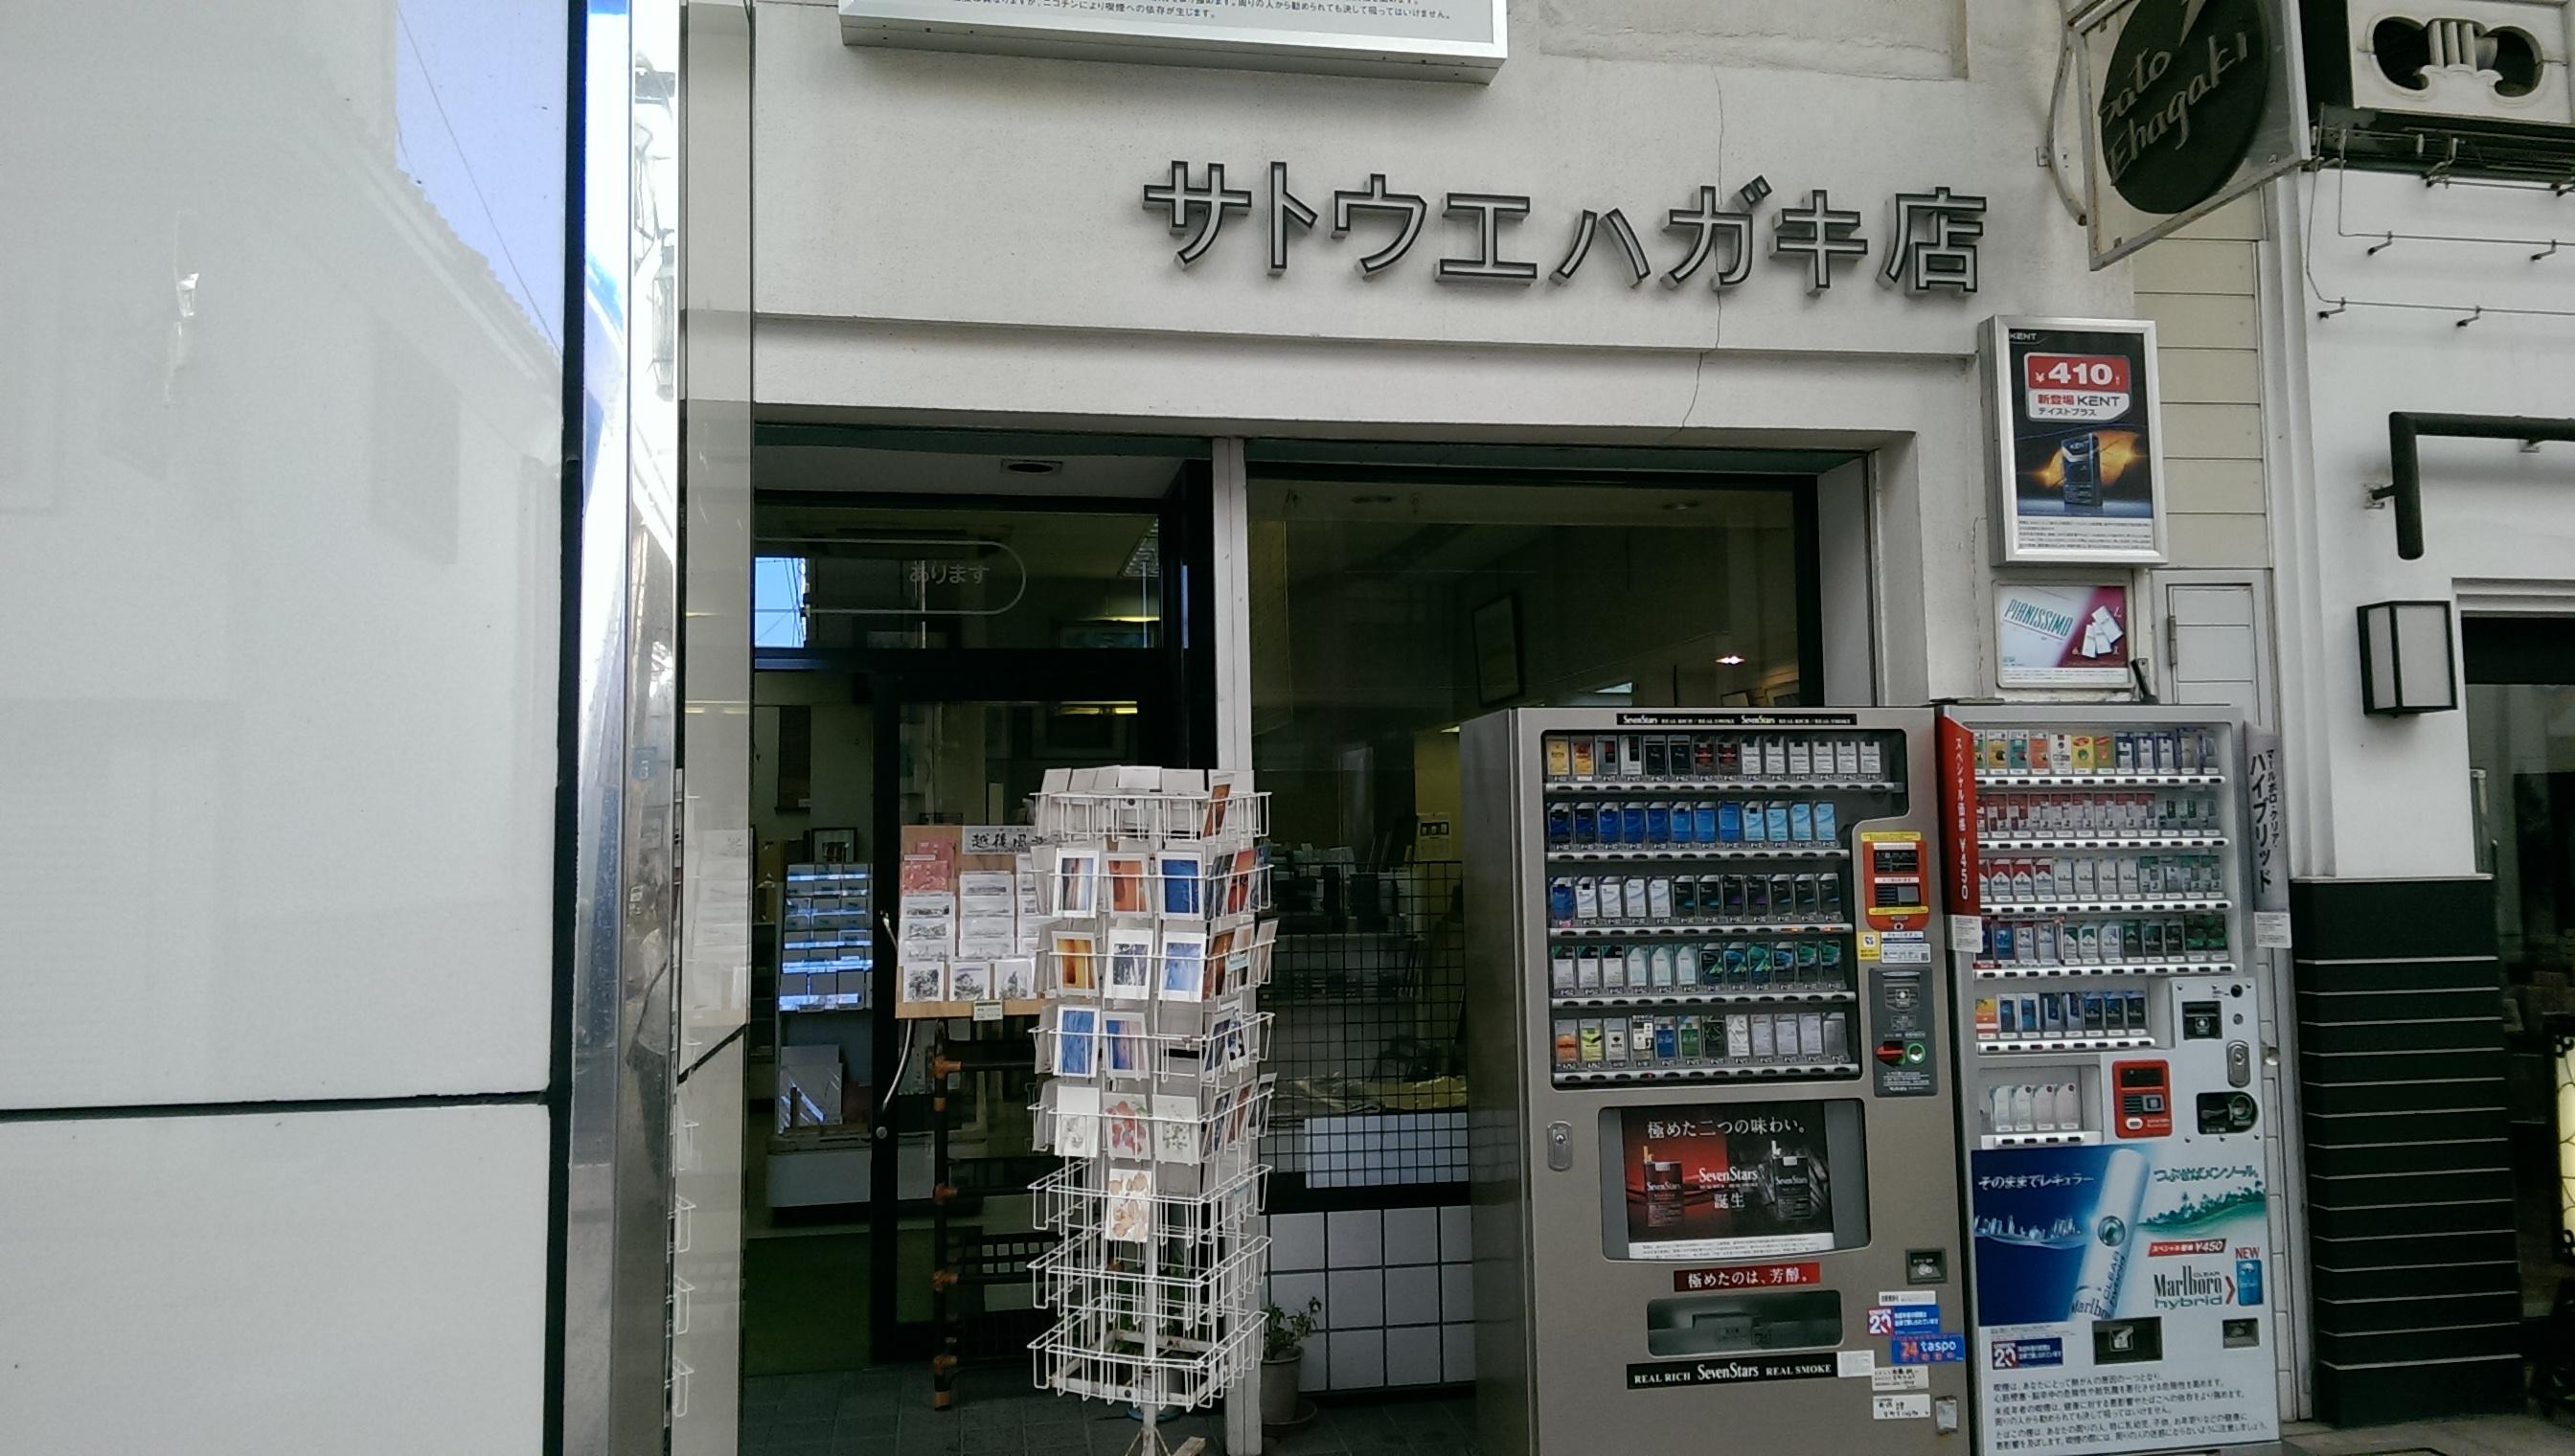 新潟の風景に出会える!古町5番町の「佐藤エハガキ店」に行ってきました。